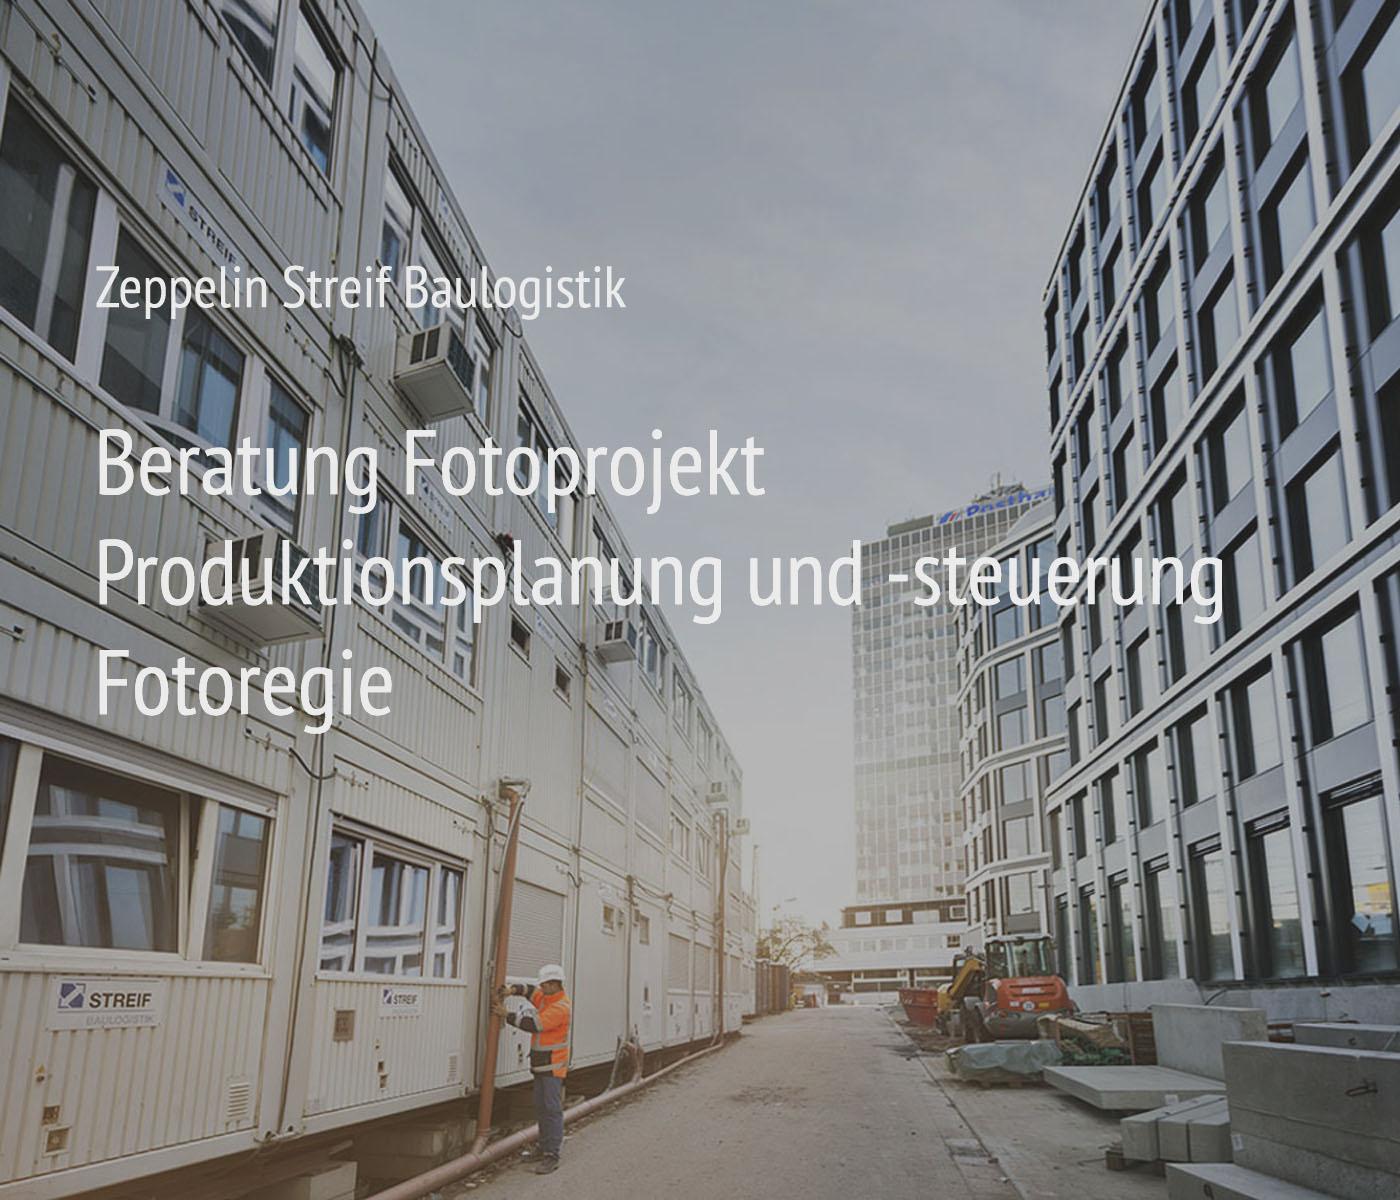 Fotografie + Management + Organisation für das Projekt Zeppelin Streif Baulogistik